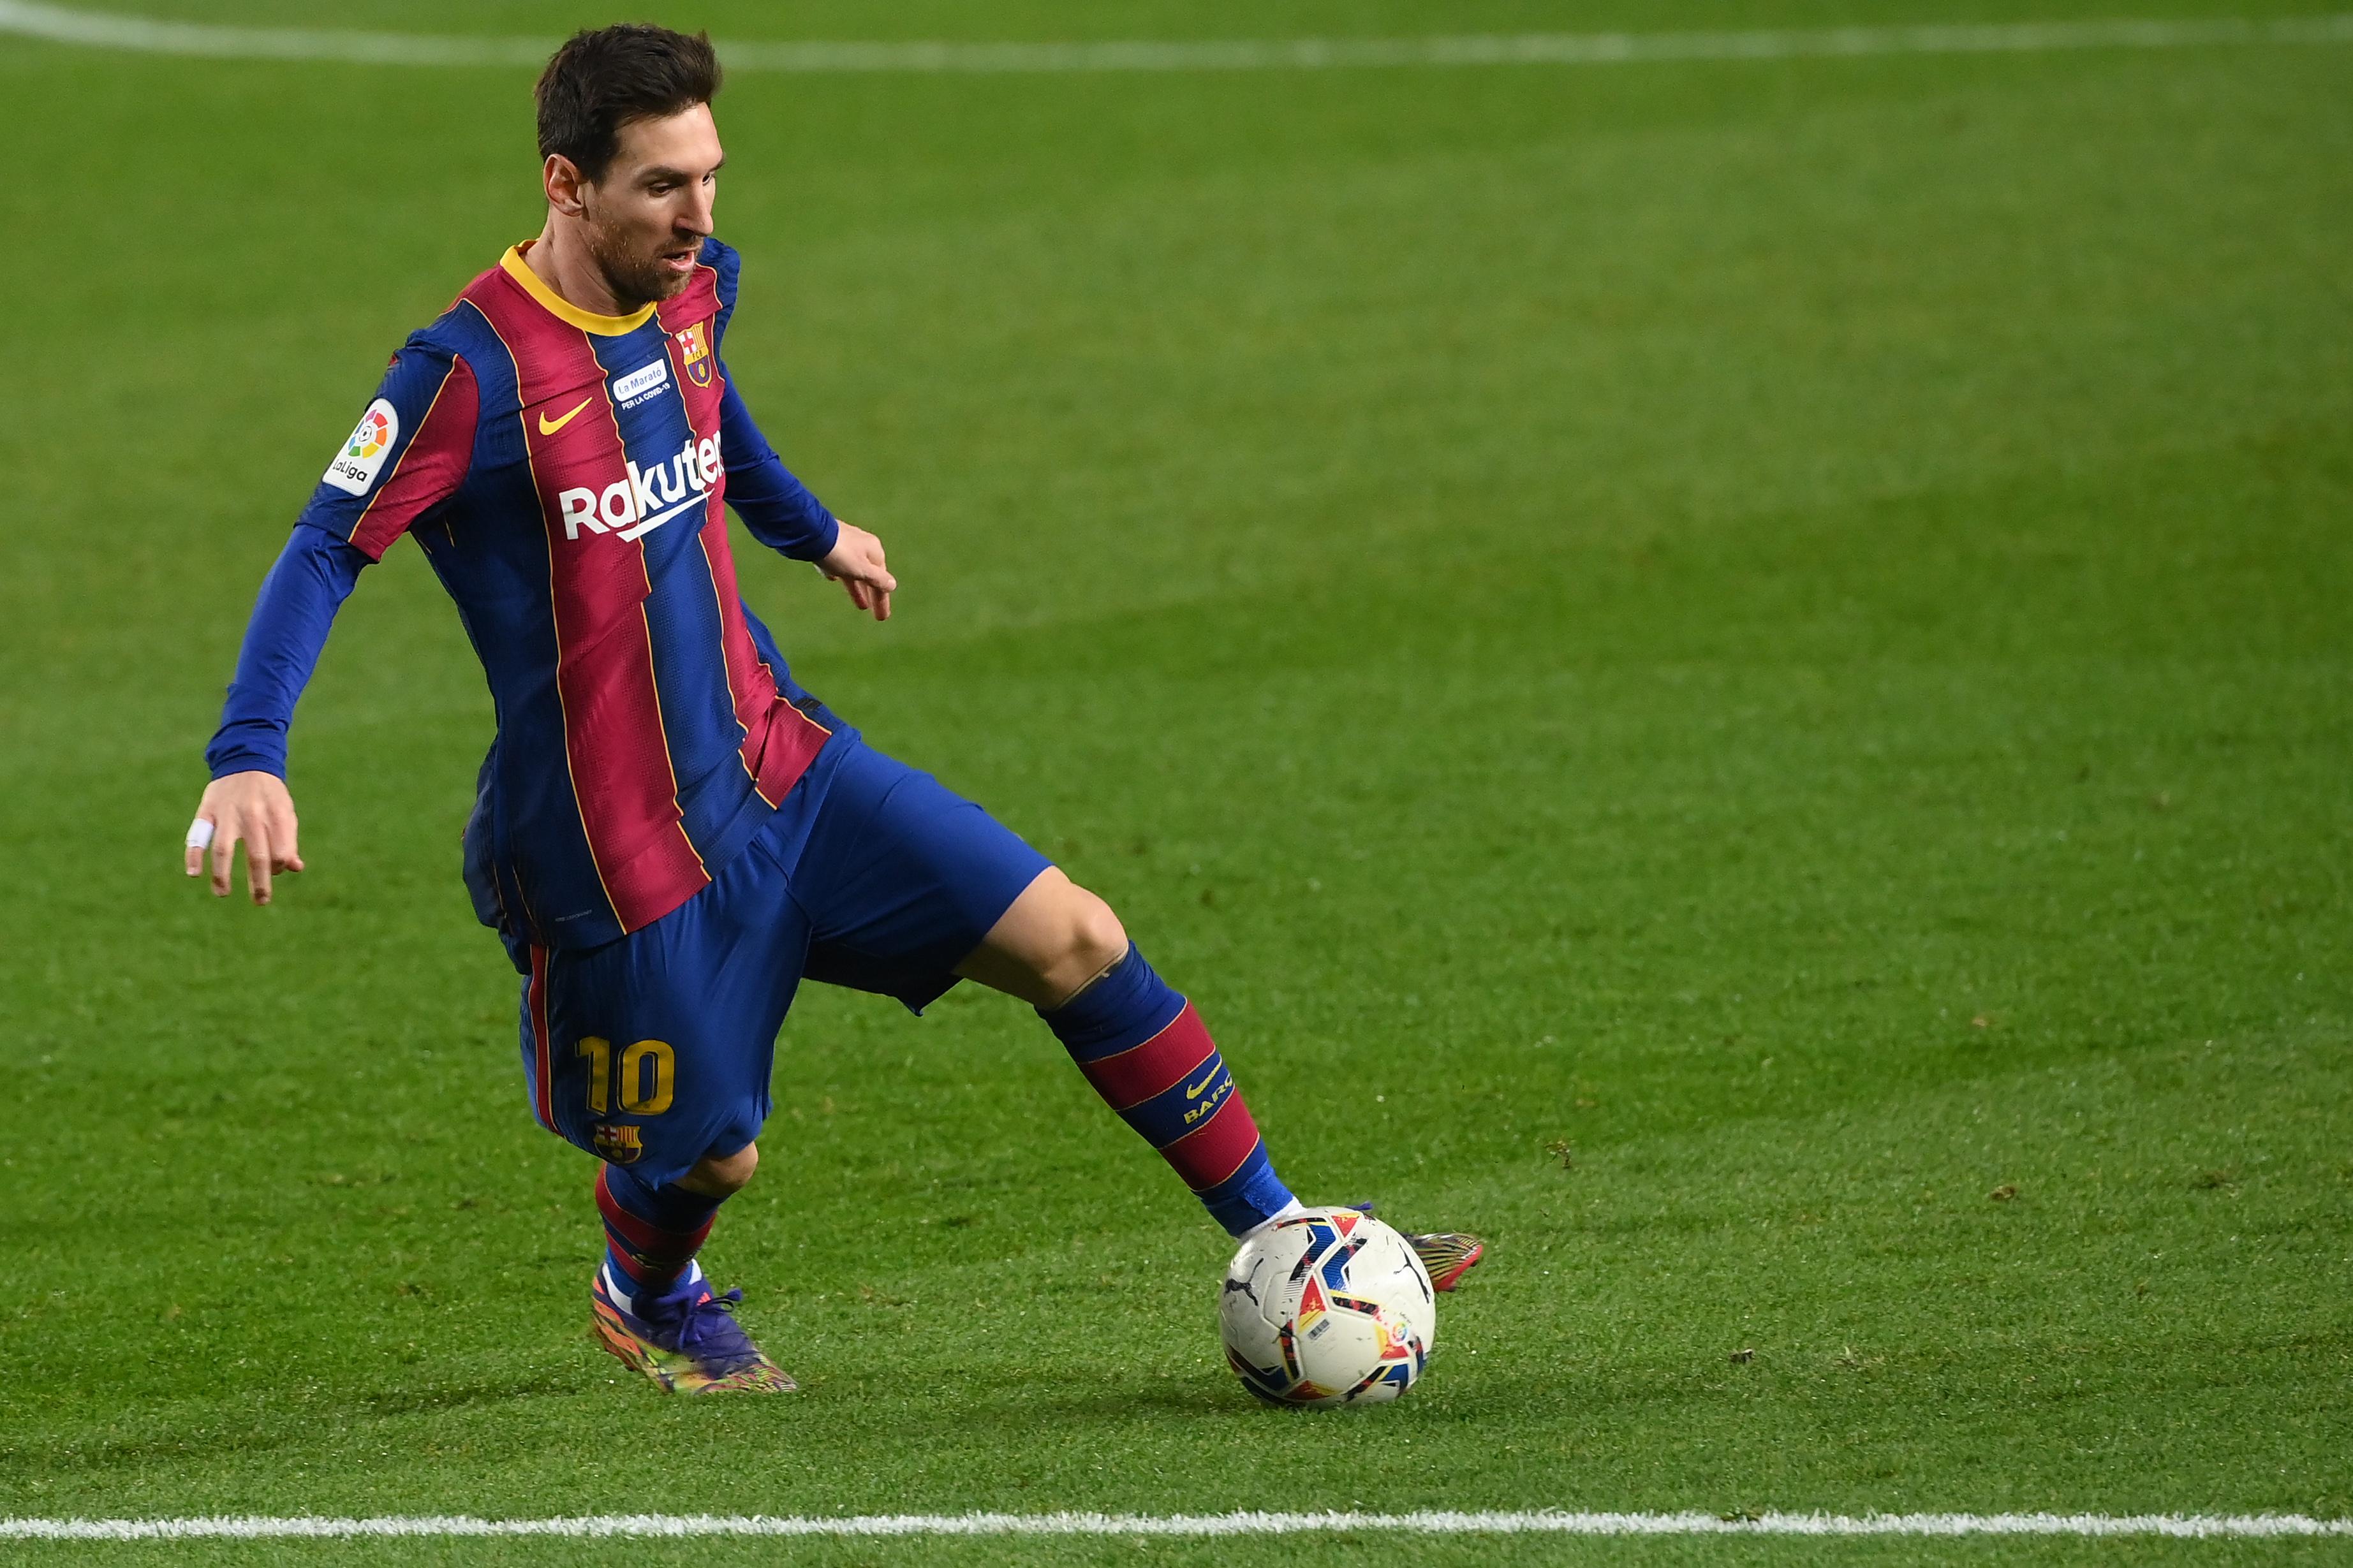 Messi iguala a Pelé como máximo goleador en un mismo club